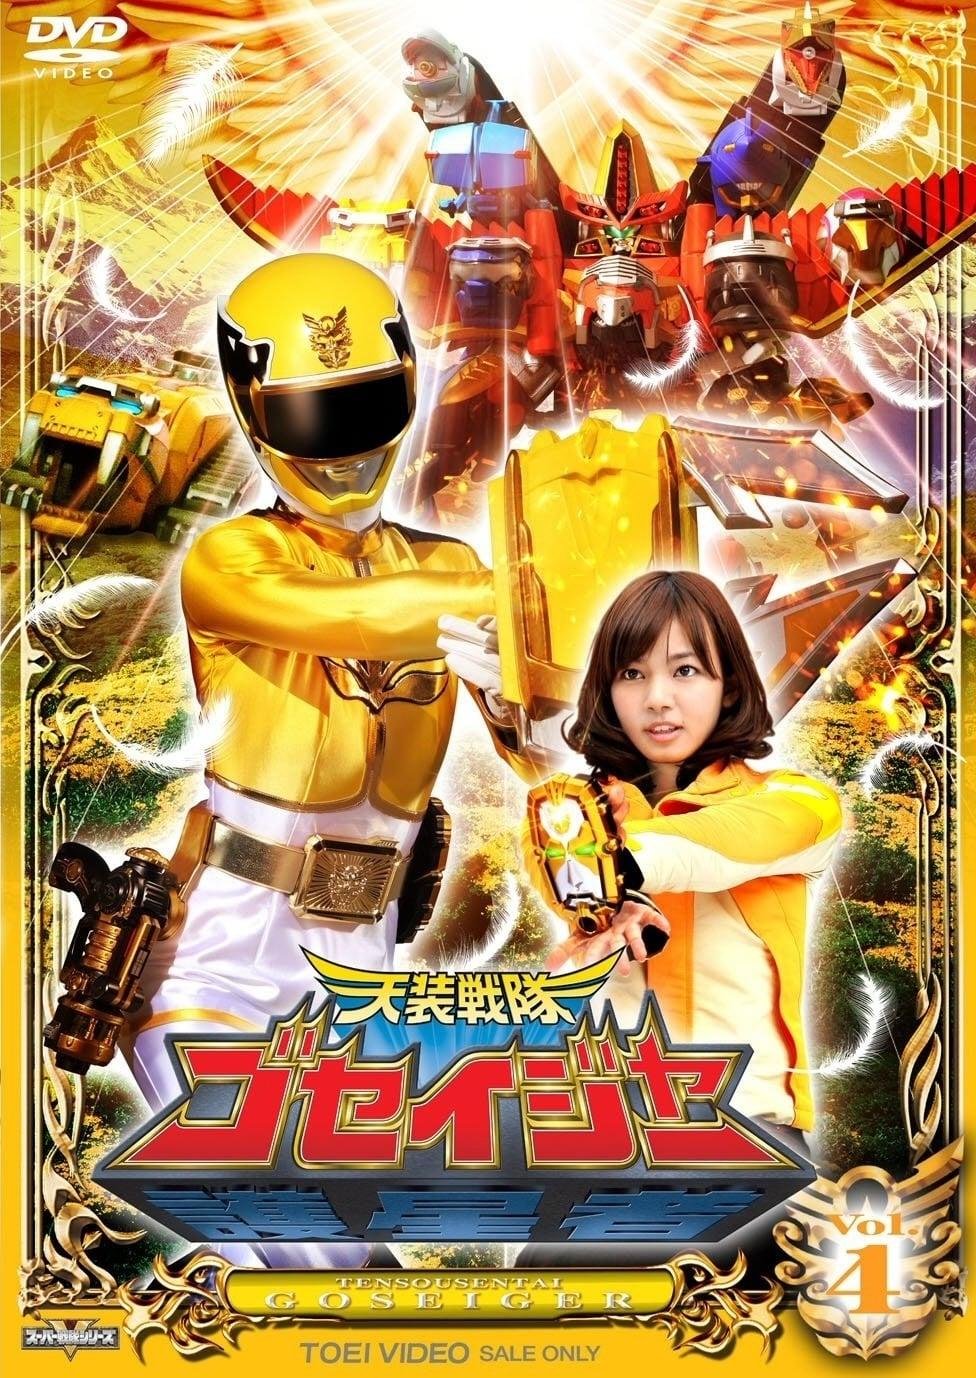 Super Sentai Season 34